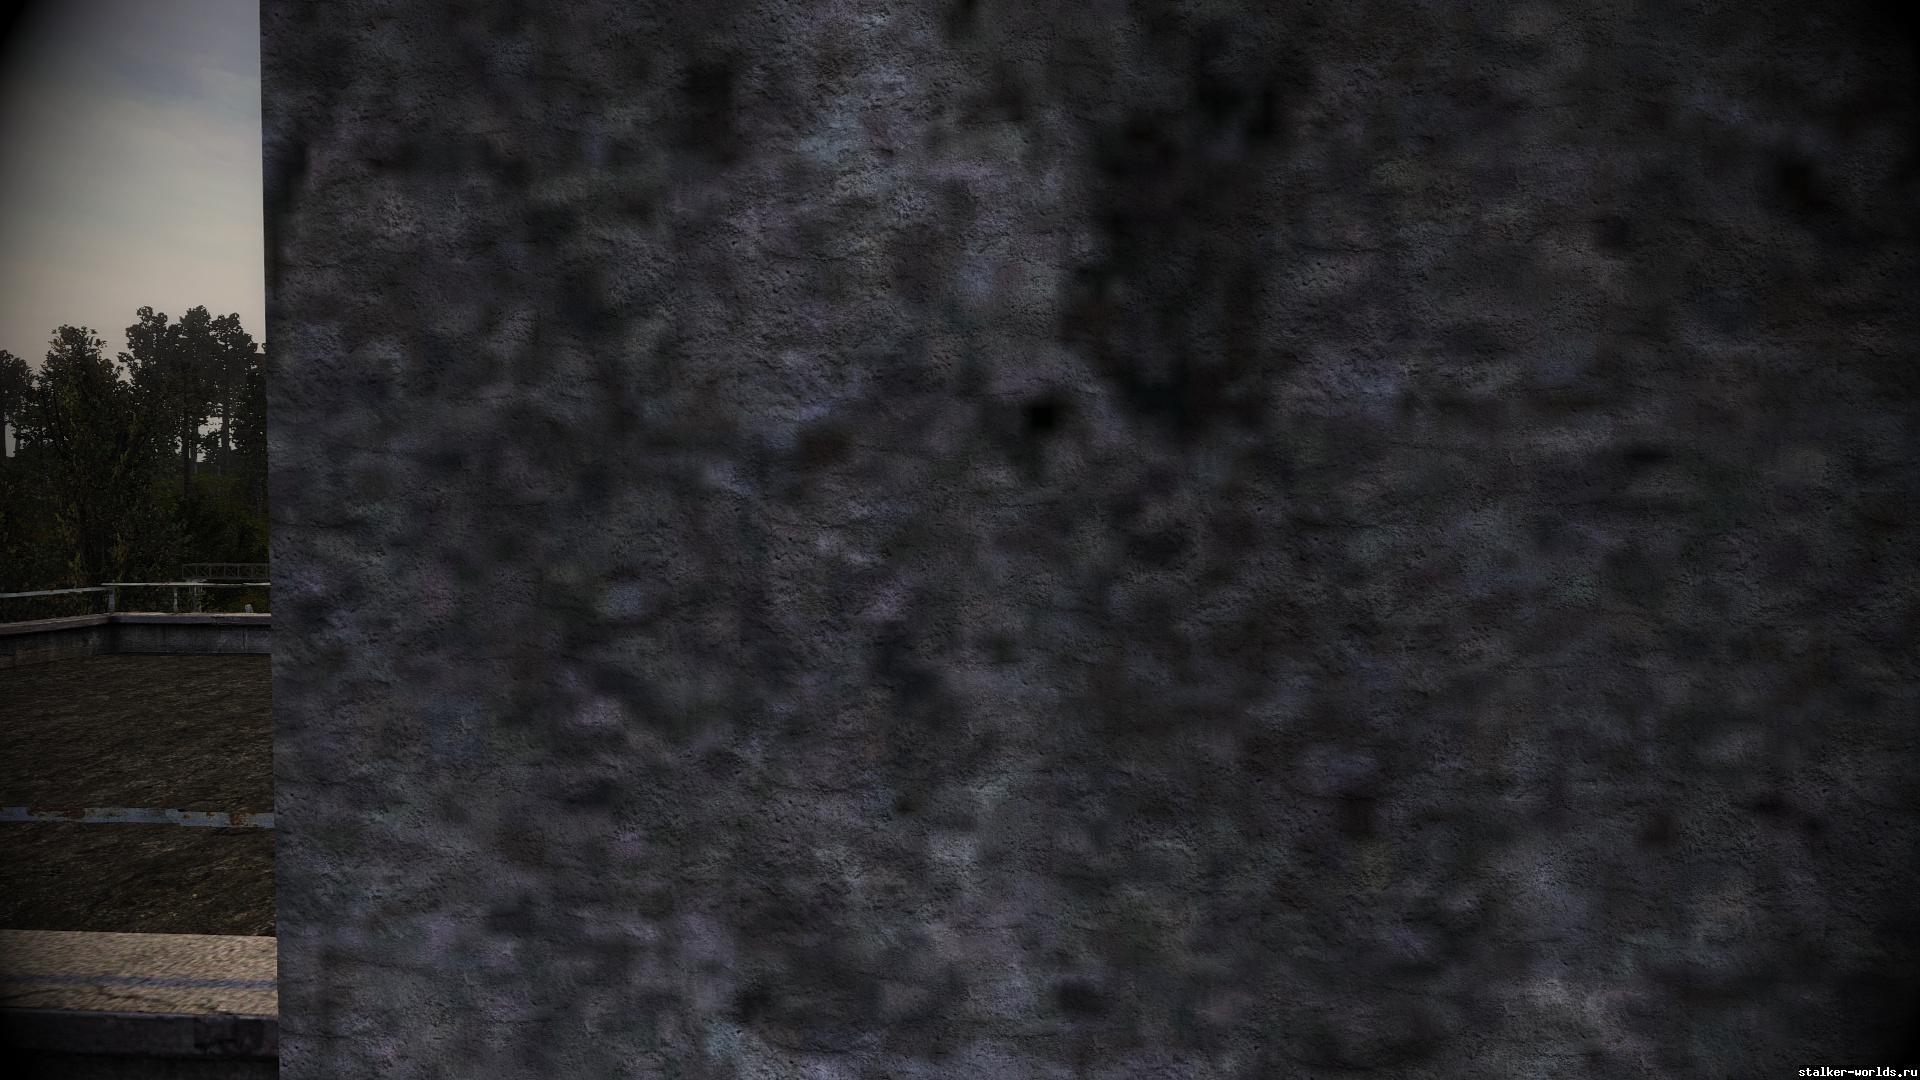 sw_1489828260__ssq_msi_gx60_03-18-17_12-